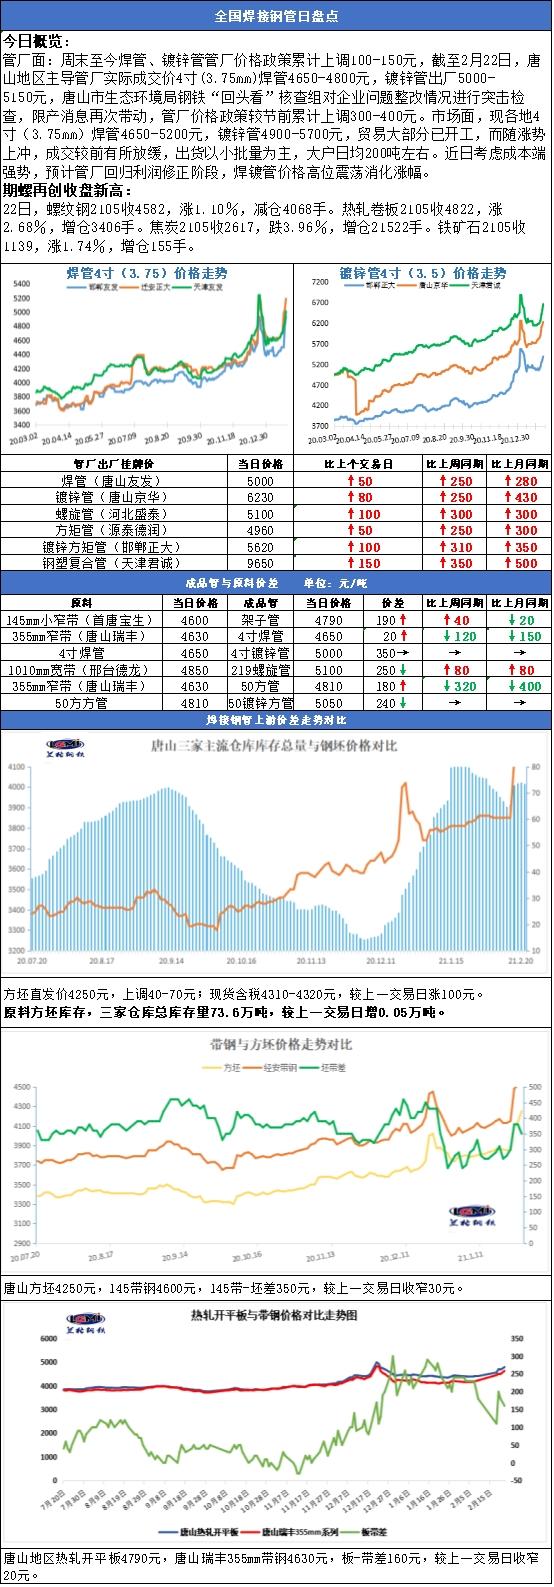 """兰格焊接钢管日盘点(2.22): 钢价继续""""狂欢"""" 焊镀管厂商入市待成交启动"""